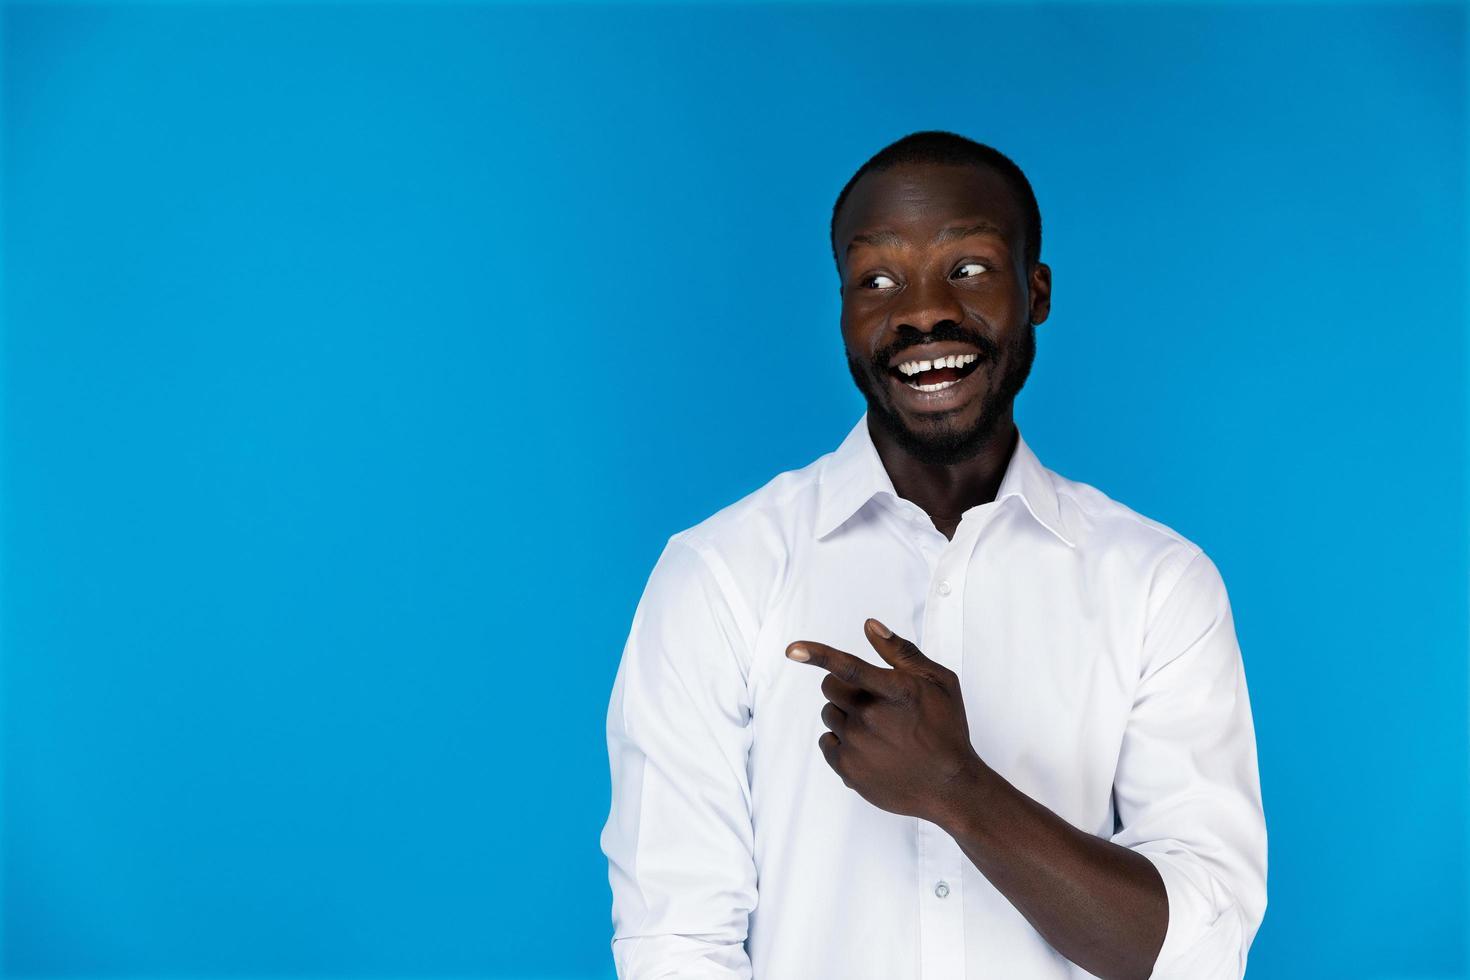 hombre sonriente con camisa blanca foto